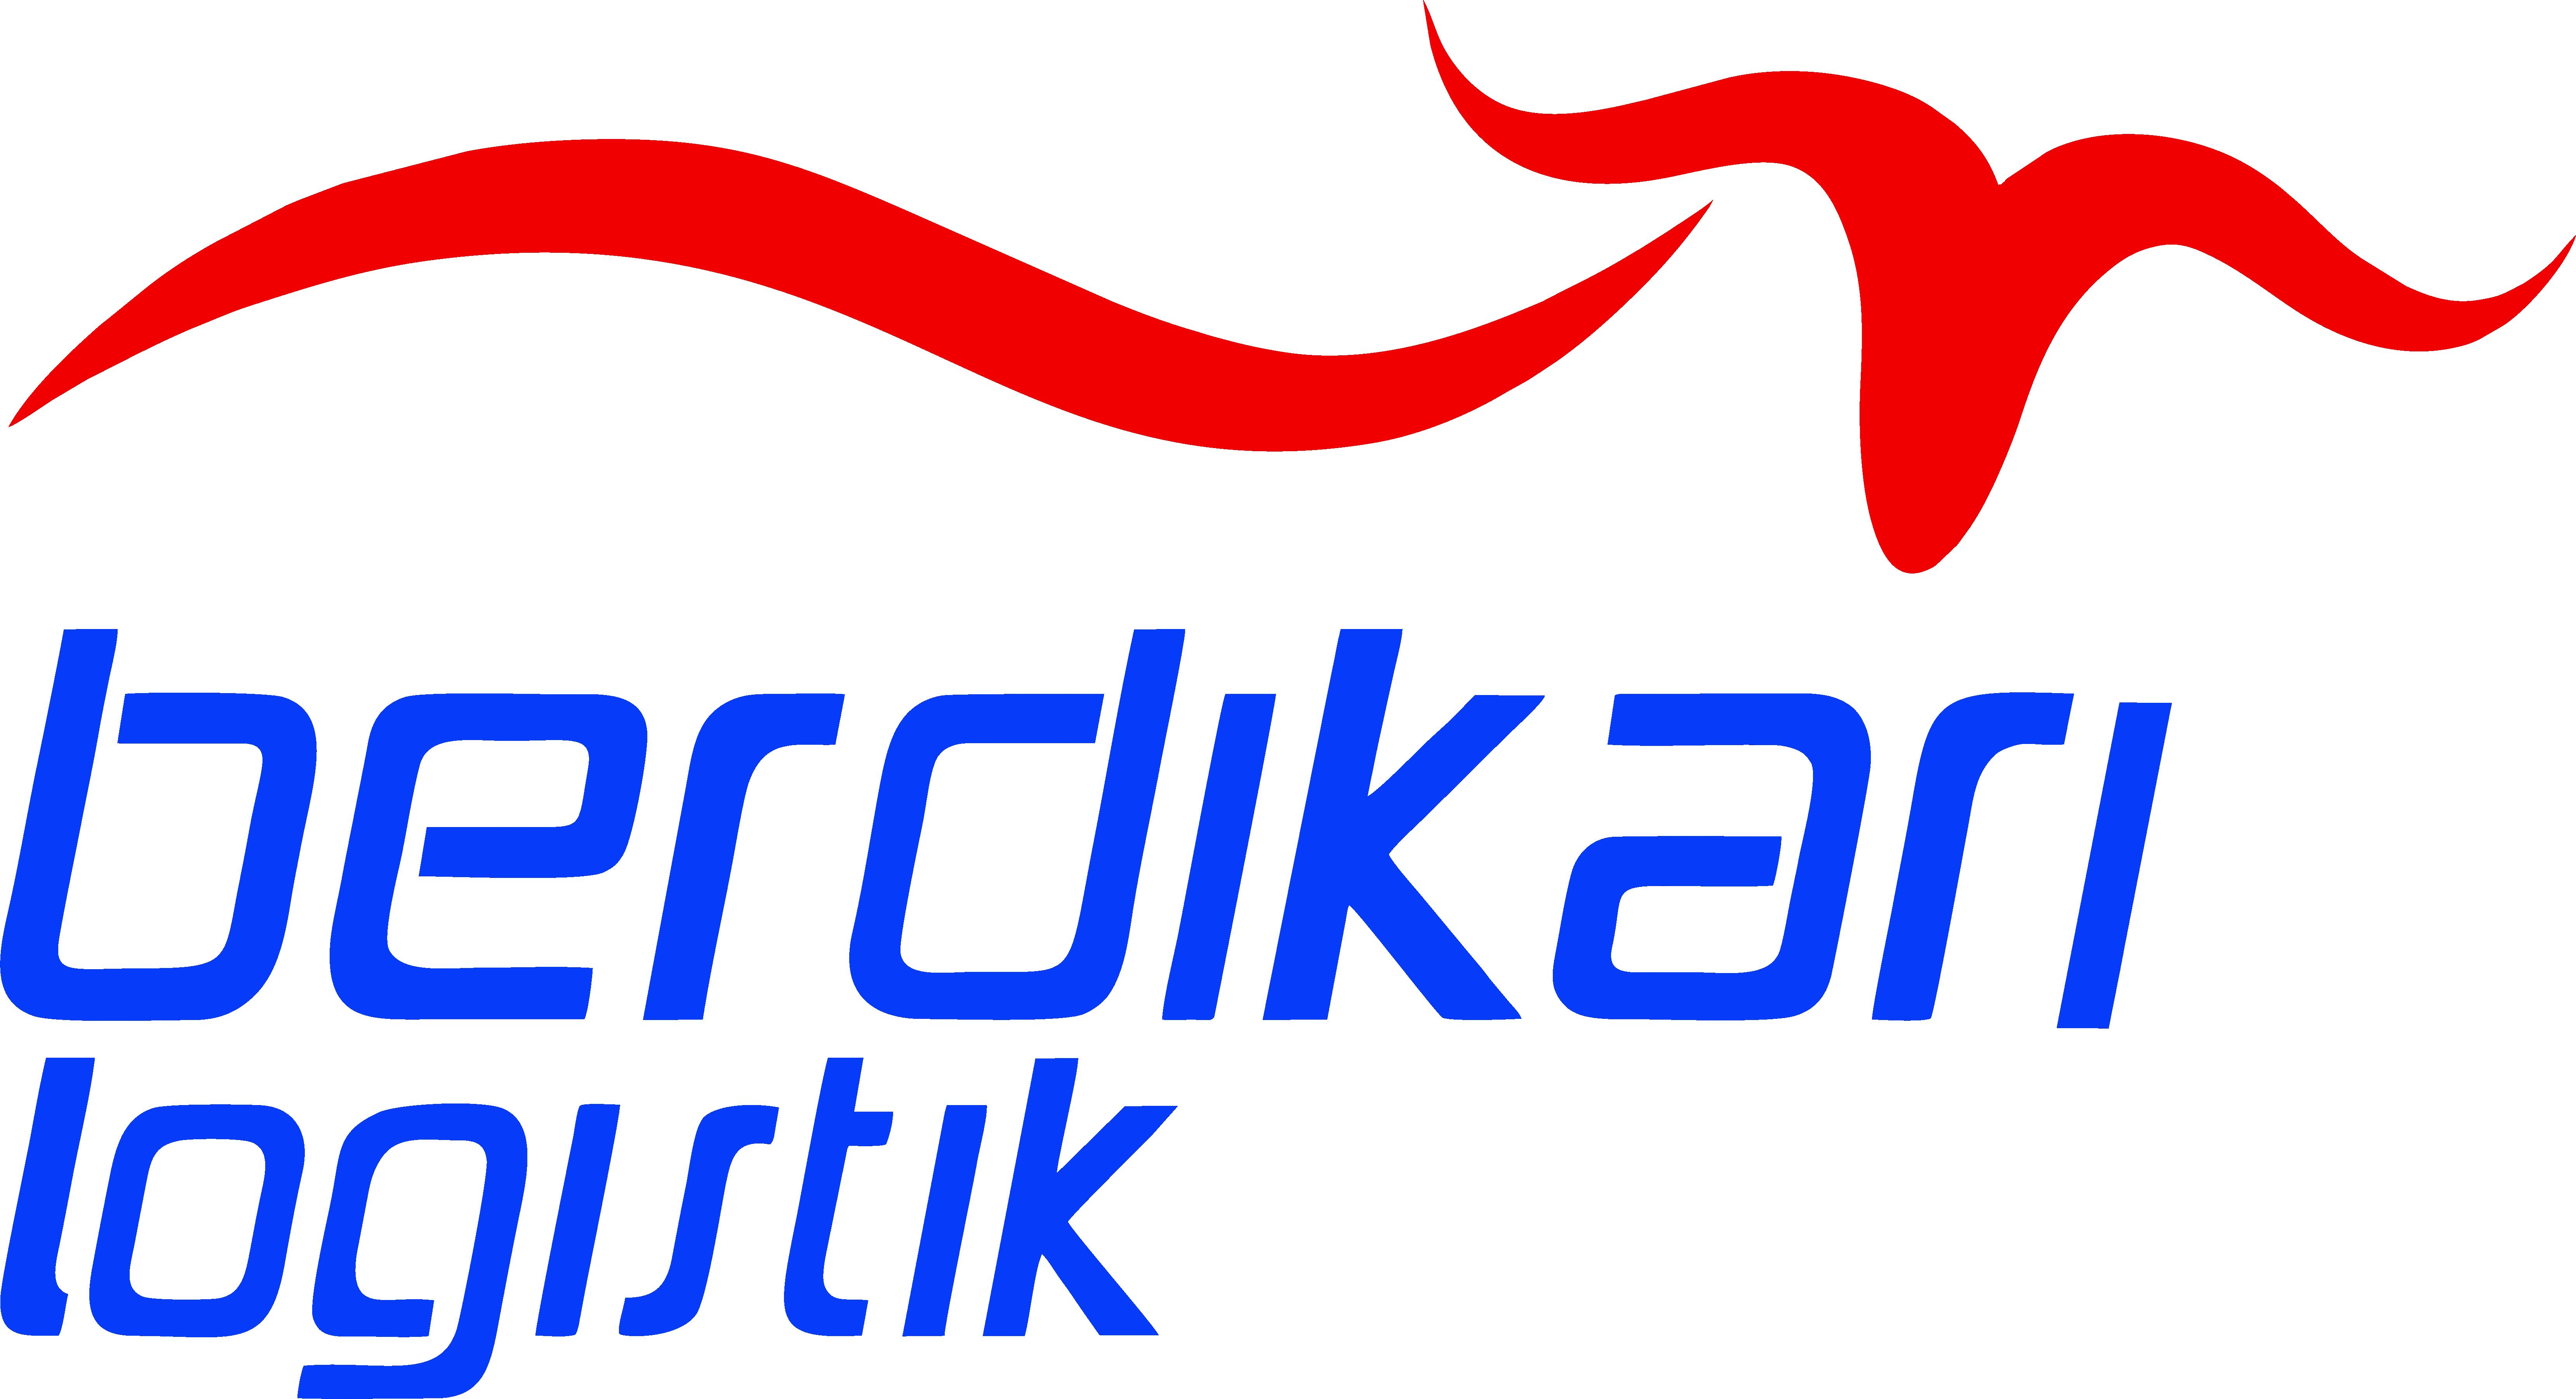 Berdikari Logistik Indonesia